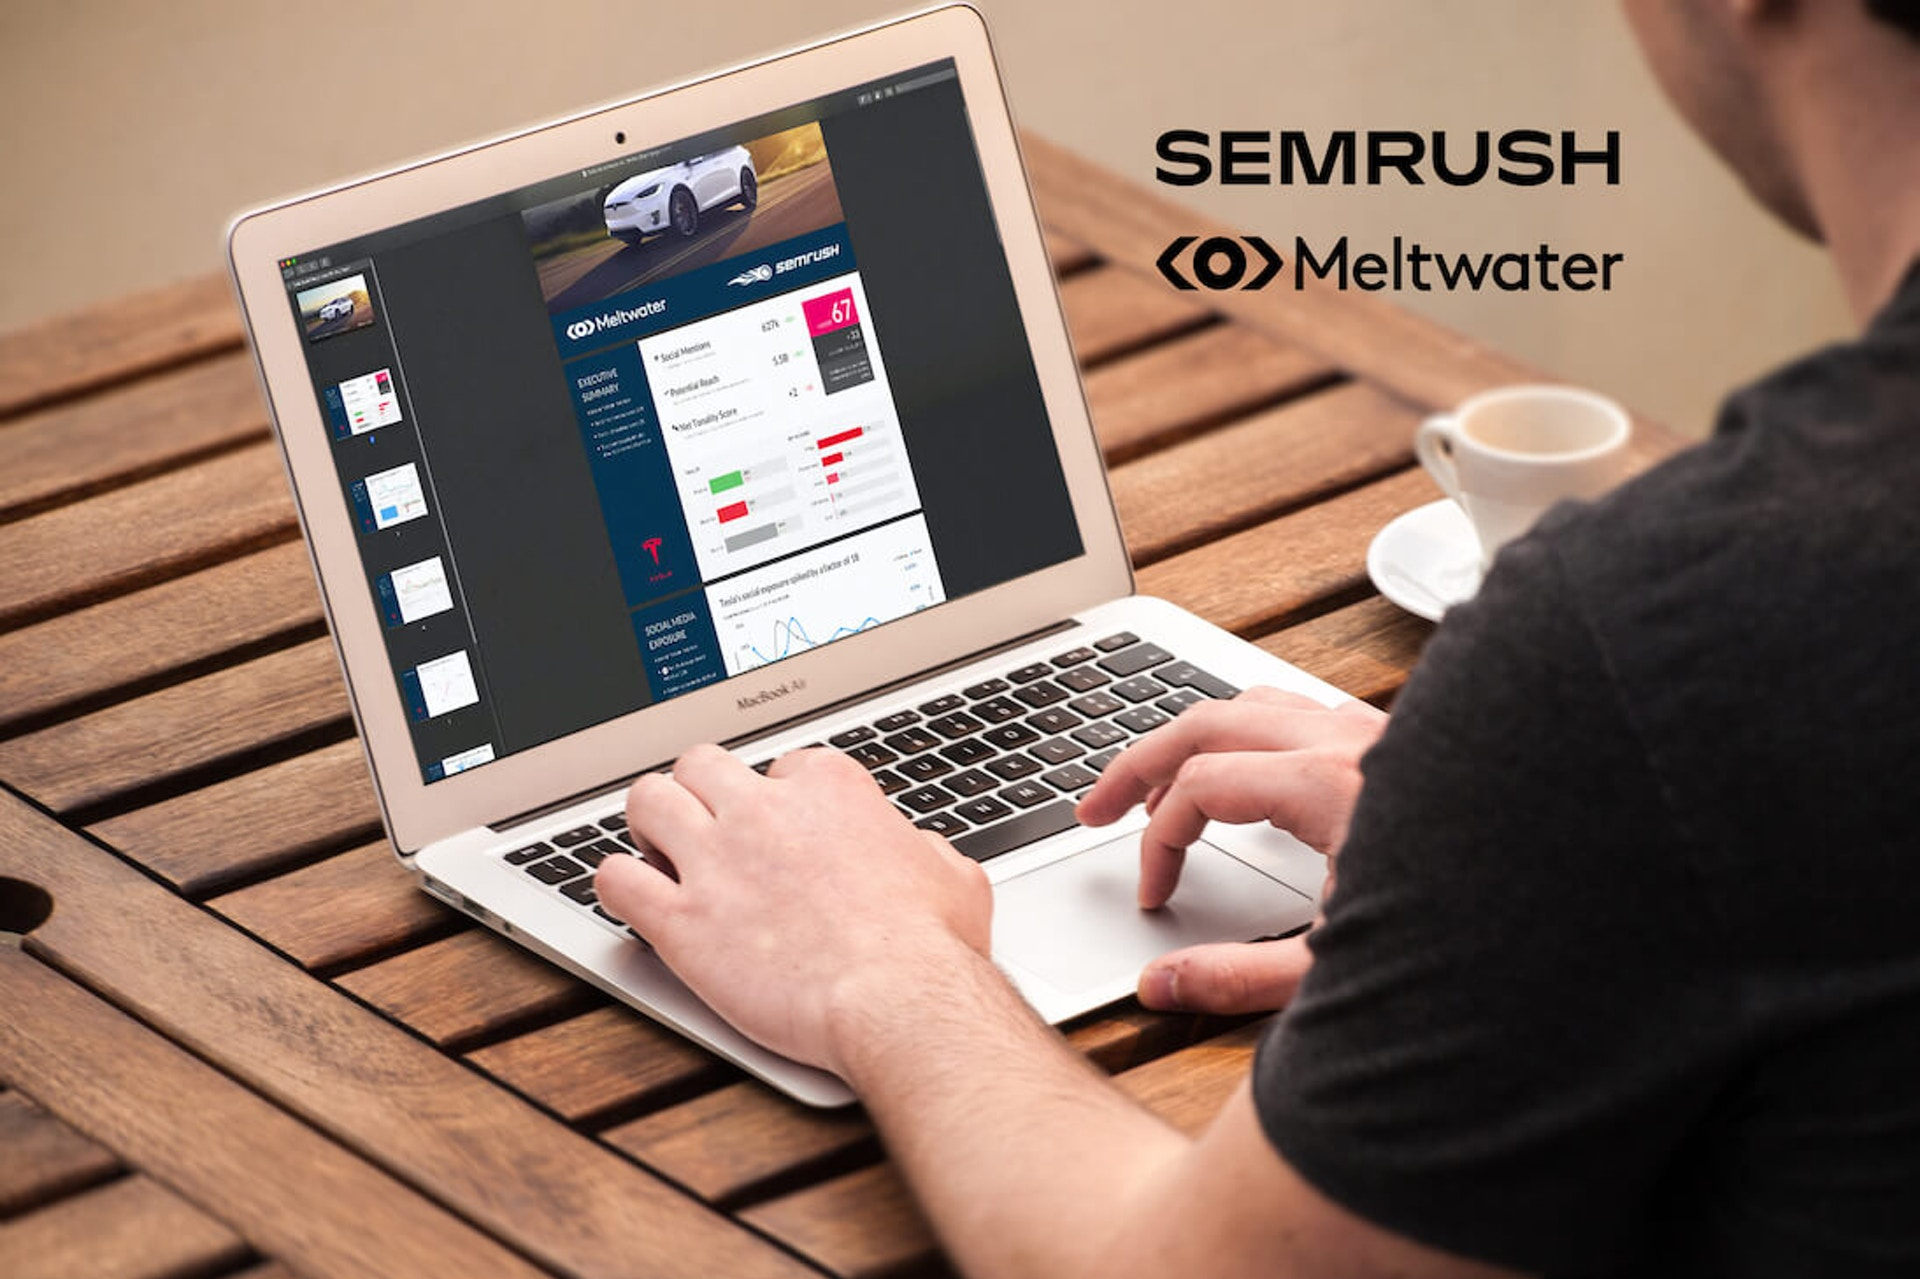 Man sieht einen Mann an seinem Laptop arbeiten. Dabei scrollt er durch den Automobil Branchenreport von Meltwater und Semrush